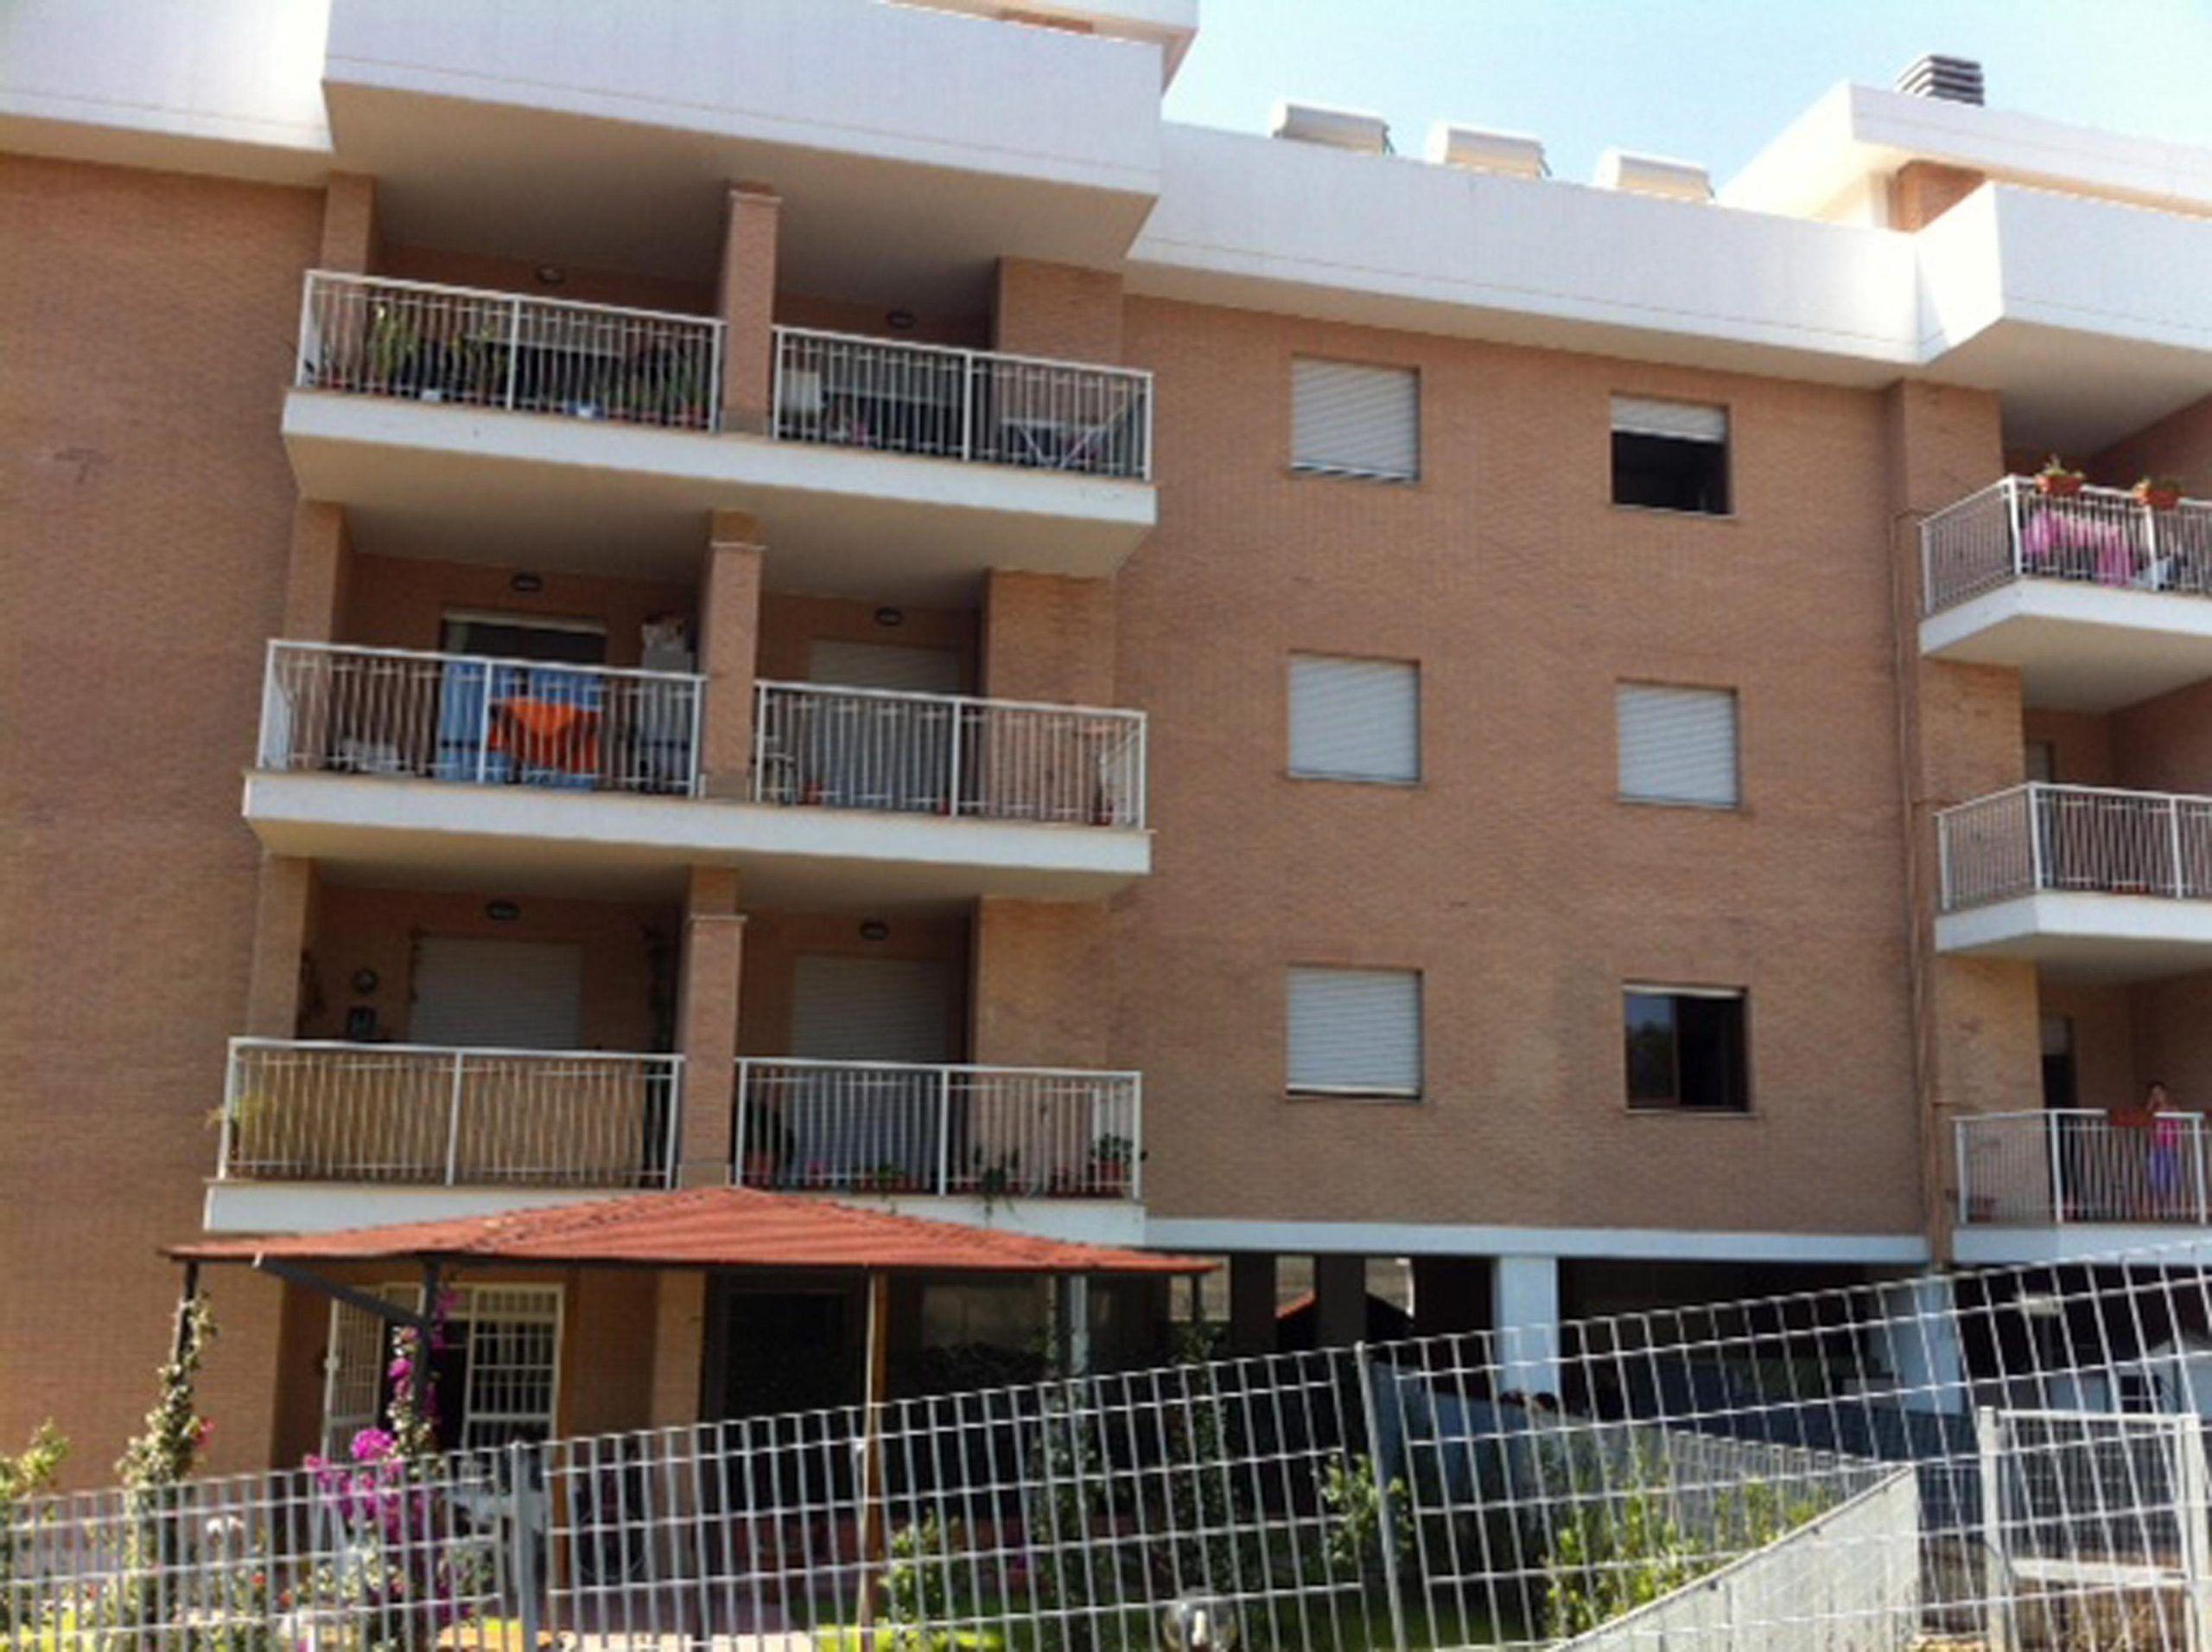 Roma, sfratto per una coppia di anziani da una casa popolare 68enne finisce in ospedale